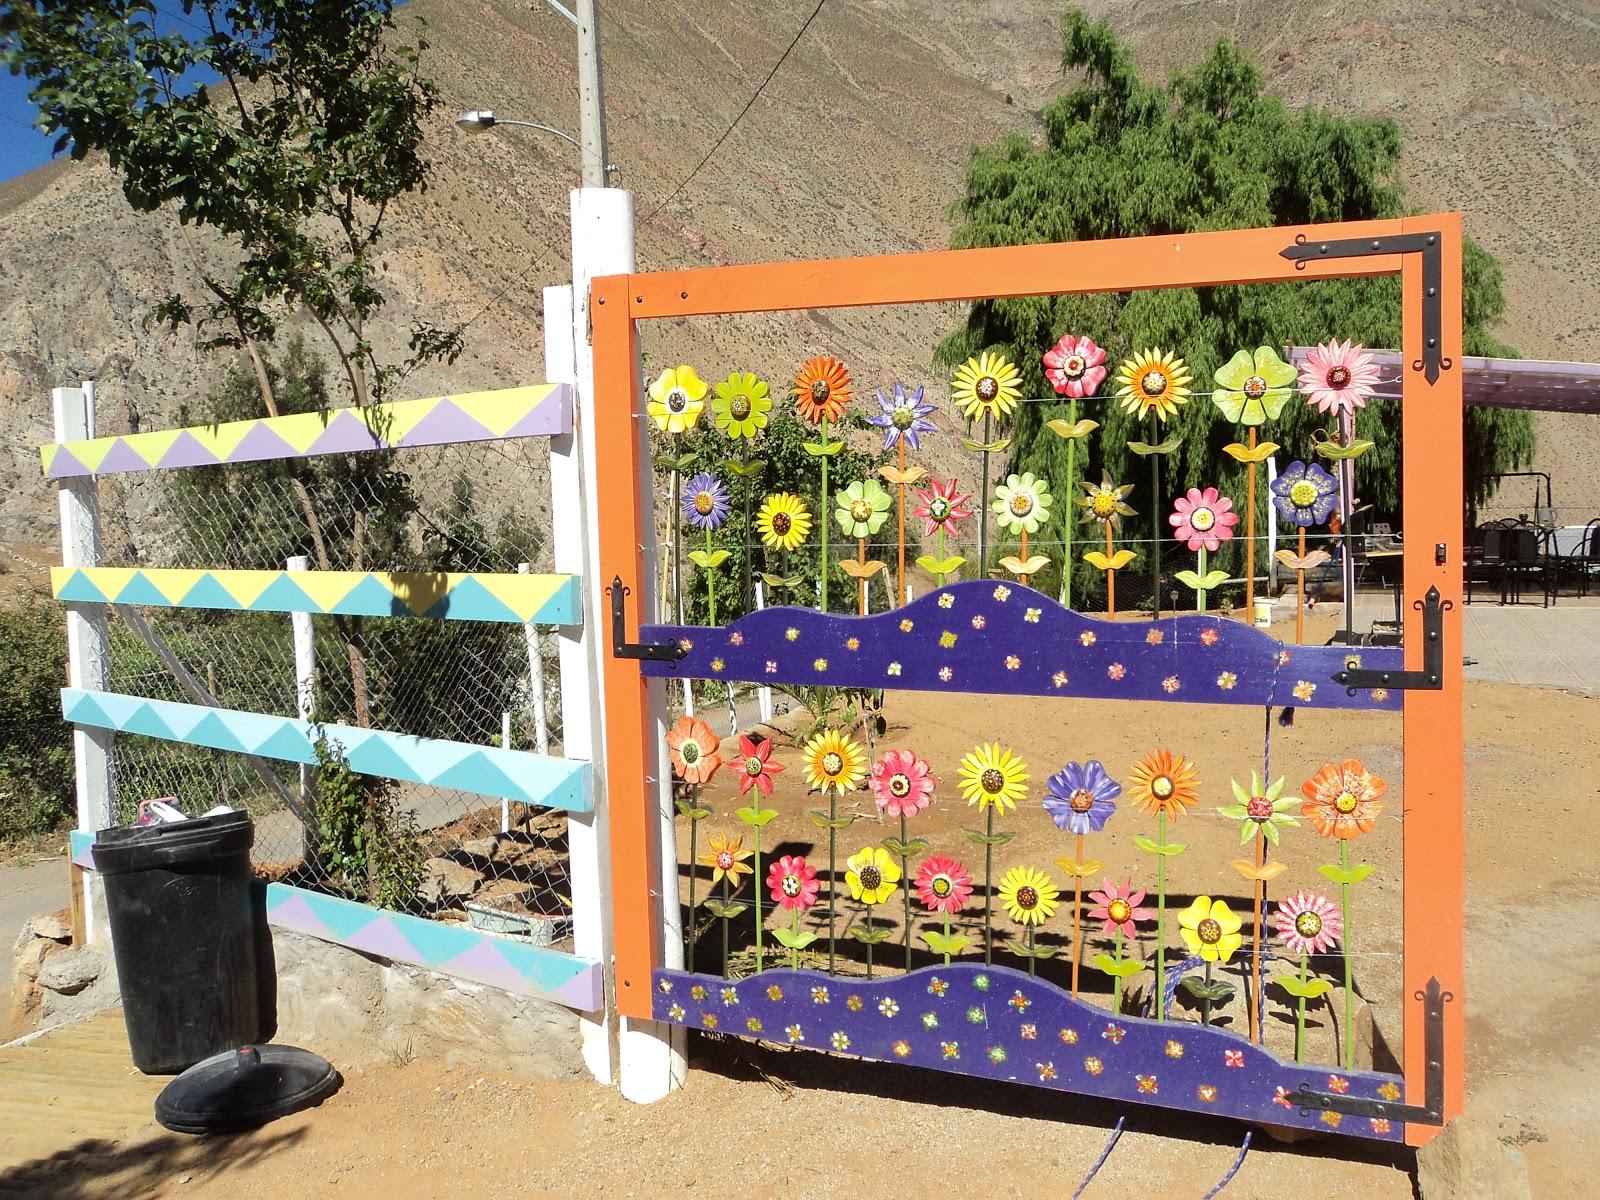 Caba as el jard n de los encuentros noviembre 2011 for Cabanas para jardin